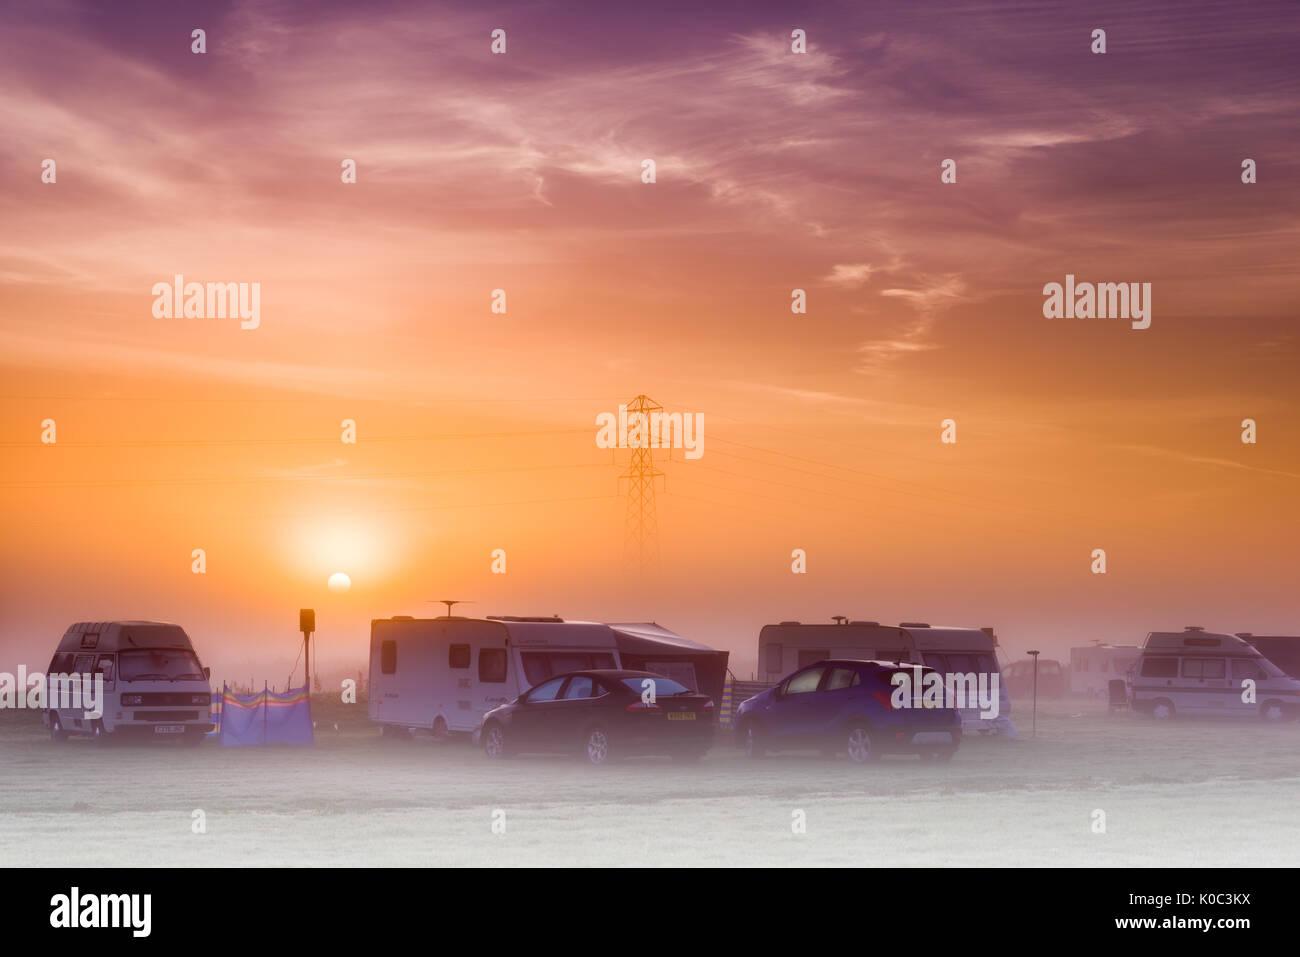 Die Sonne über einem nebligen Campingplatz in Großbritannien in der Dämmerung ein August Morgen. Stockbild